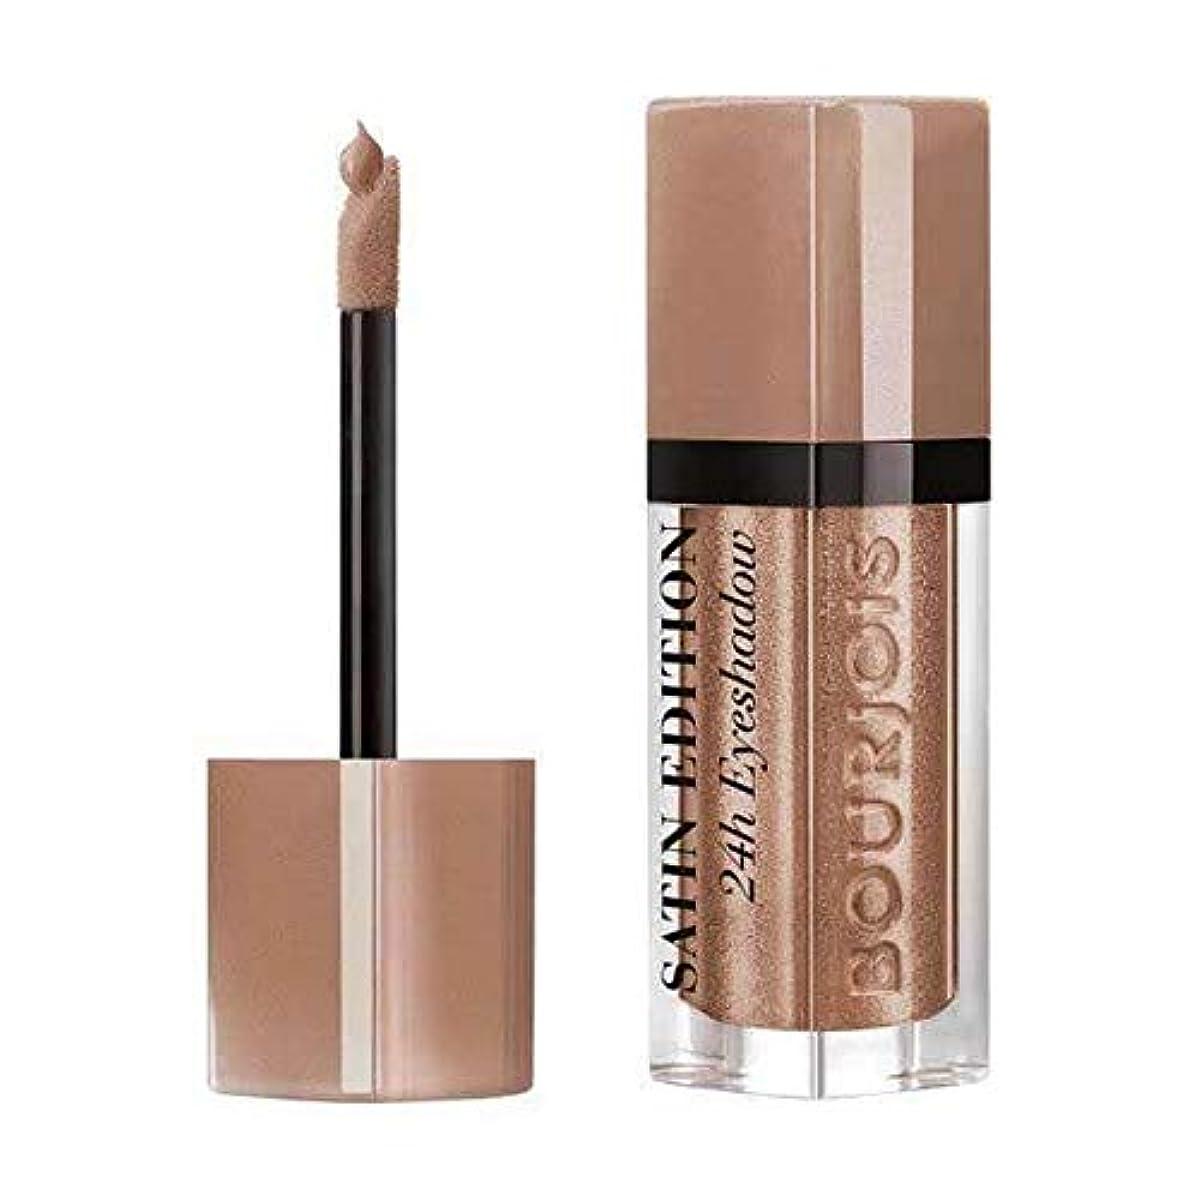 酸化するバージン正確な[Bourjois ] 液体アイシャドウAbracada'Brown 24時間ブルジョワサテン版 - Bourjois Satin Edition 24HR Liquid Eyeshadow Abracada'brown [並行輸入品]